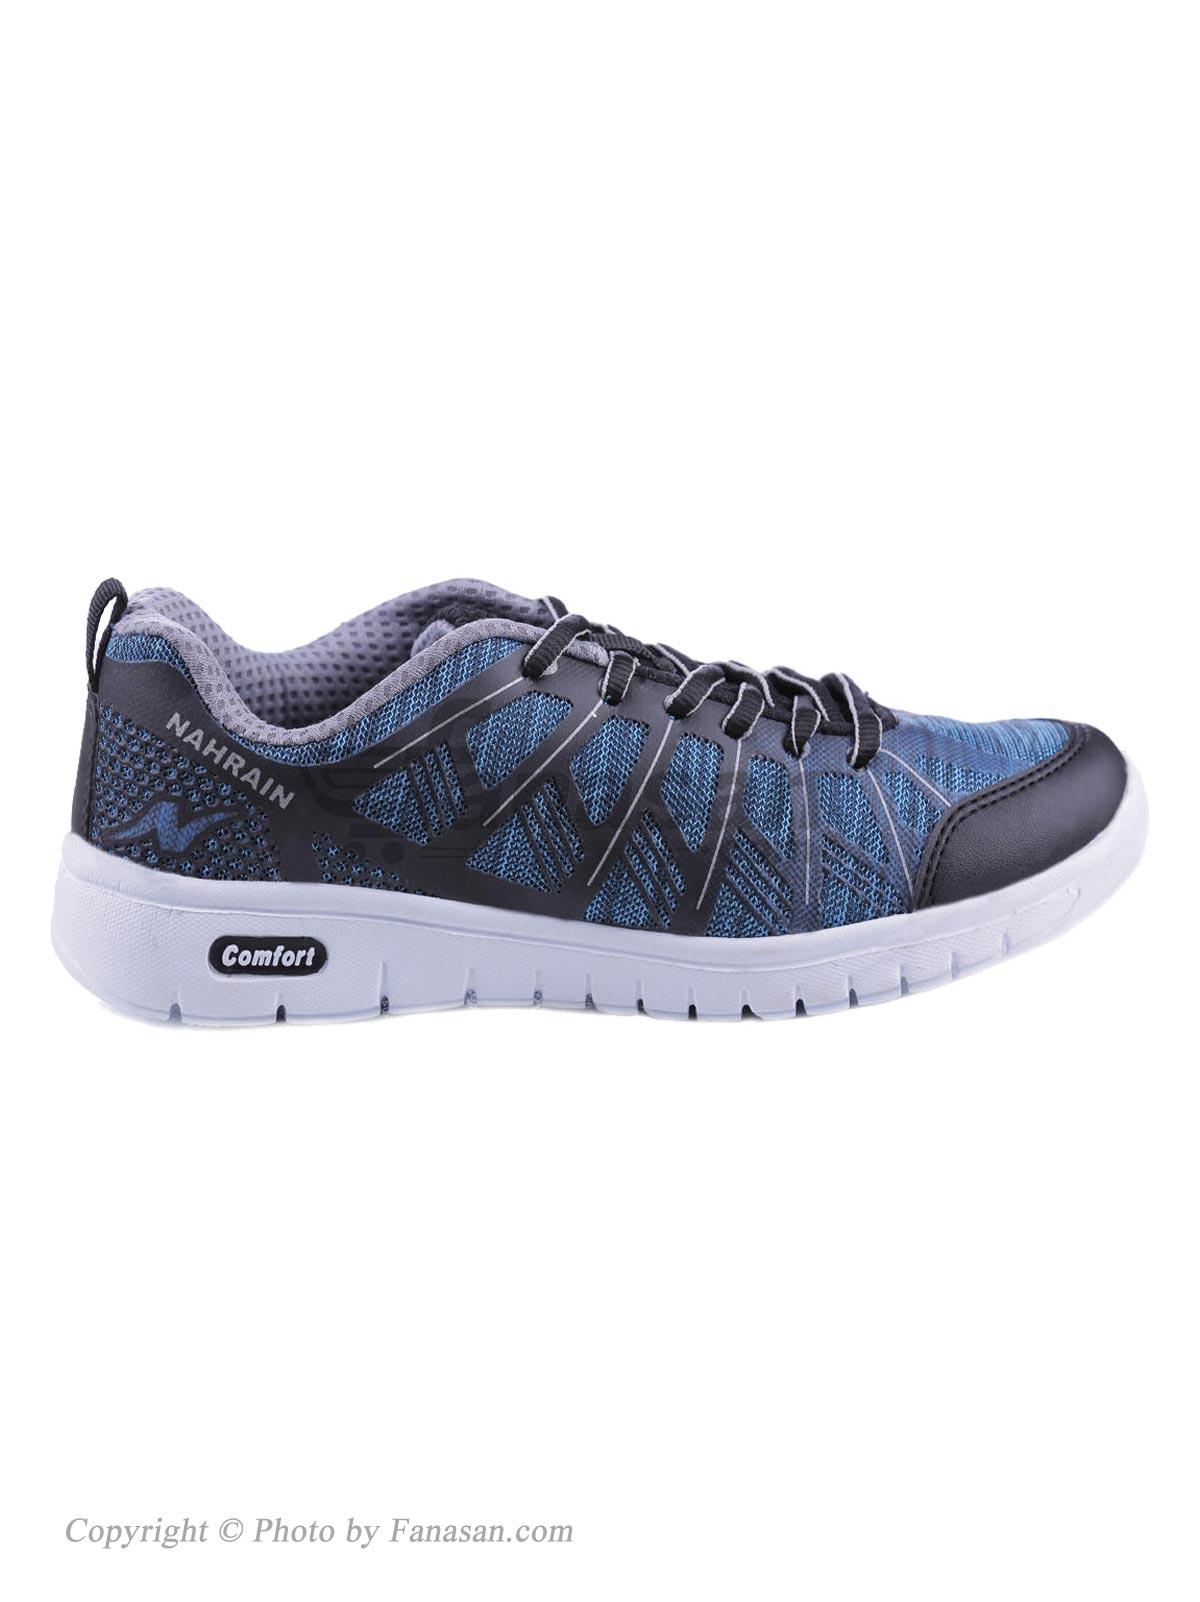 کفش زنانه نهرین مخصوص دویدن و پیاده روی مدل هما آبی مشکی سایز 38